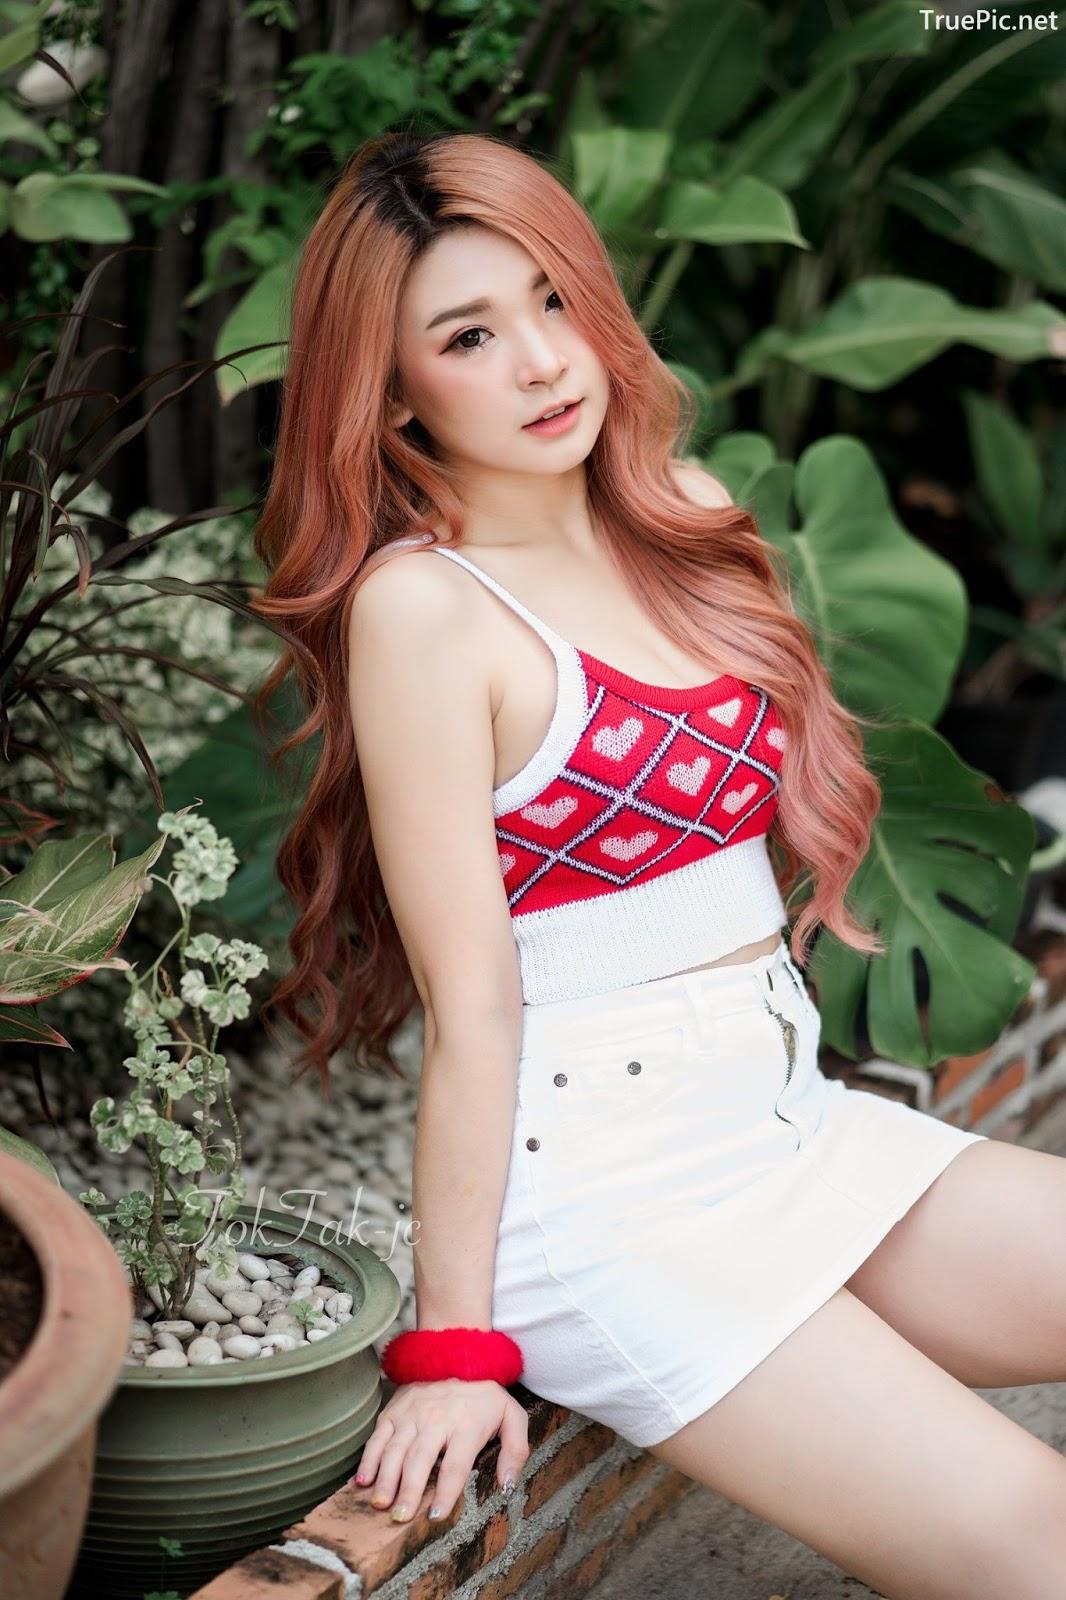 Image Thailand Model - JaJaa Zarinyap - Crop Top and Sort Pants - TruePic.net - Picture-3